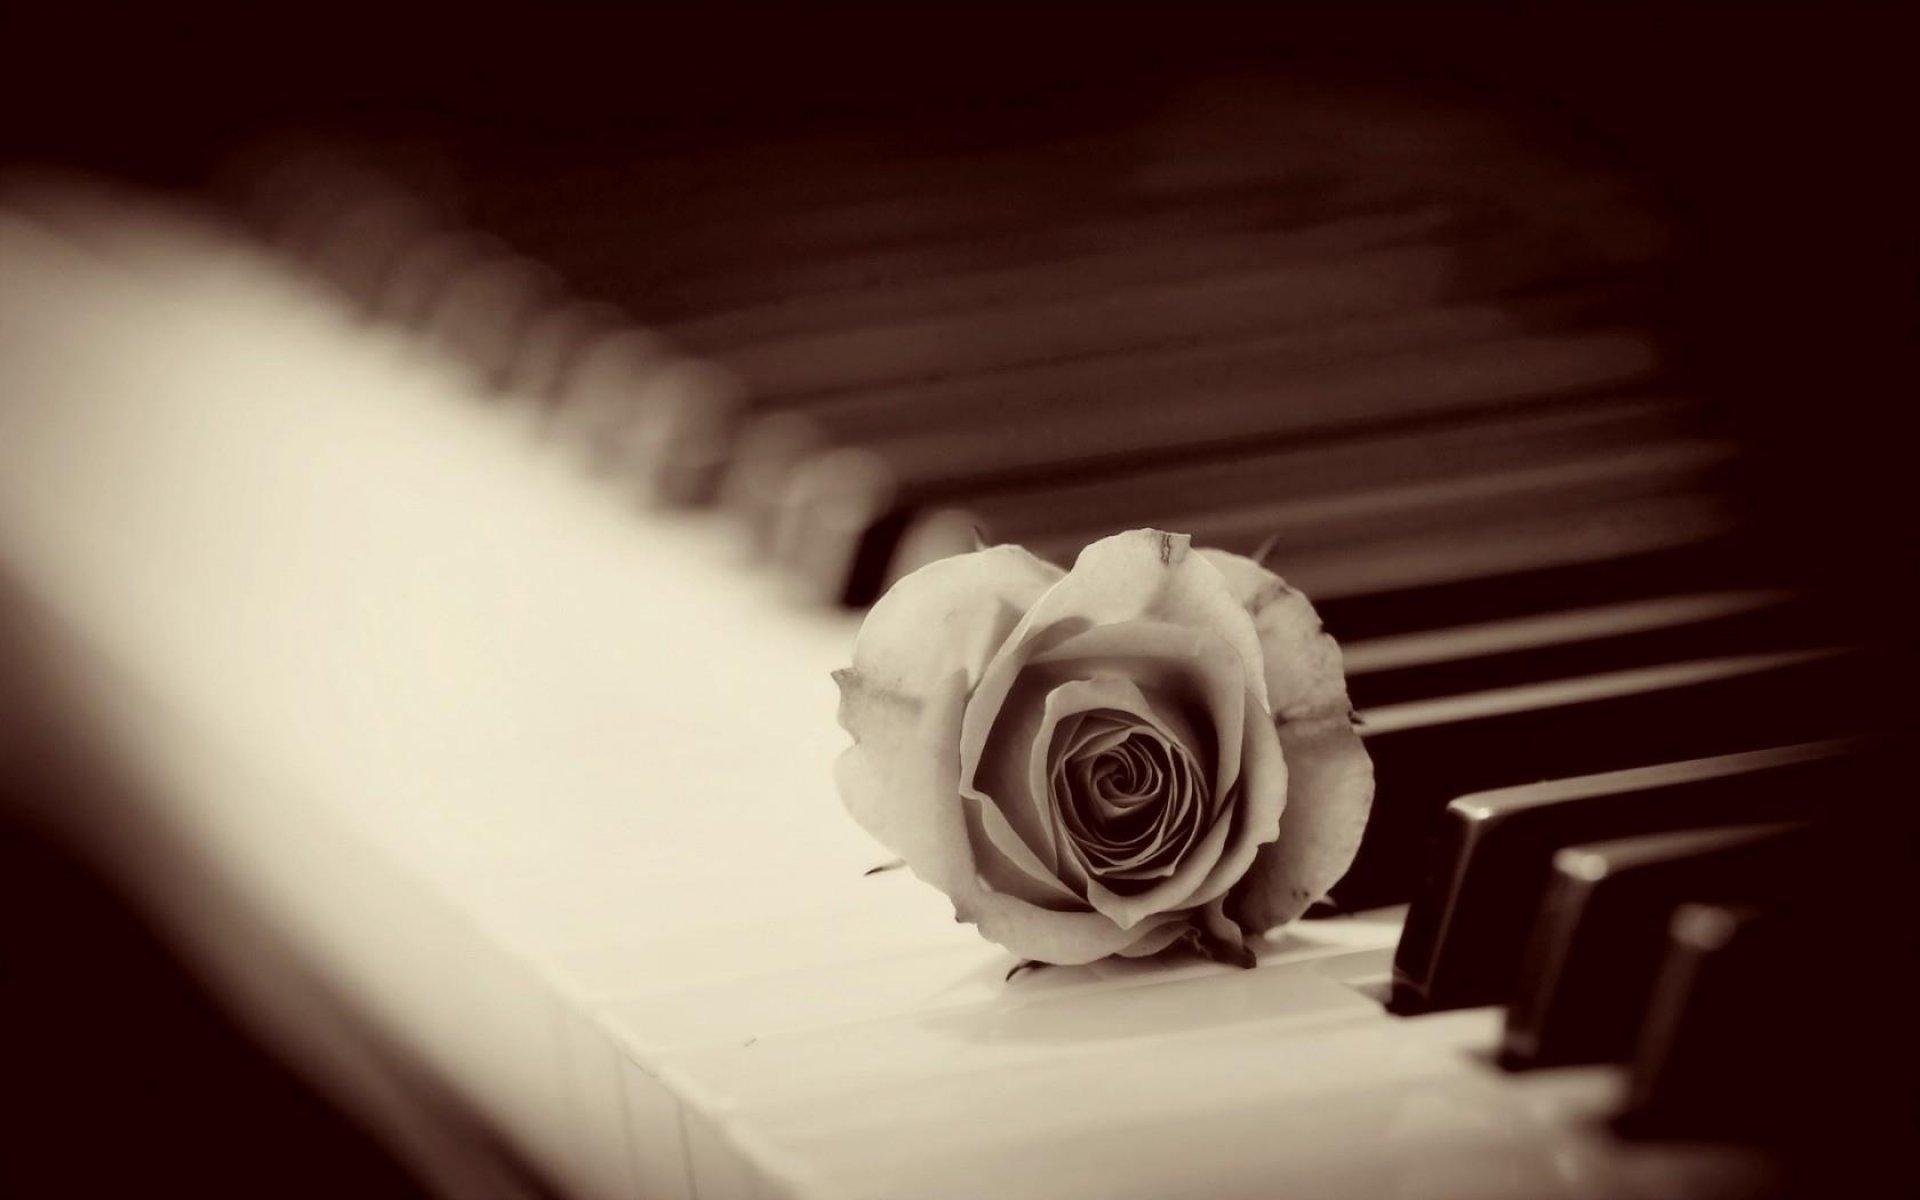 ای عشق مرا بیشتر از پیش بمیران